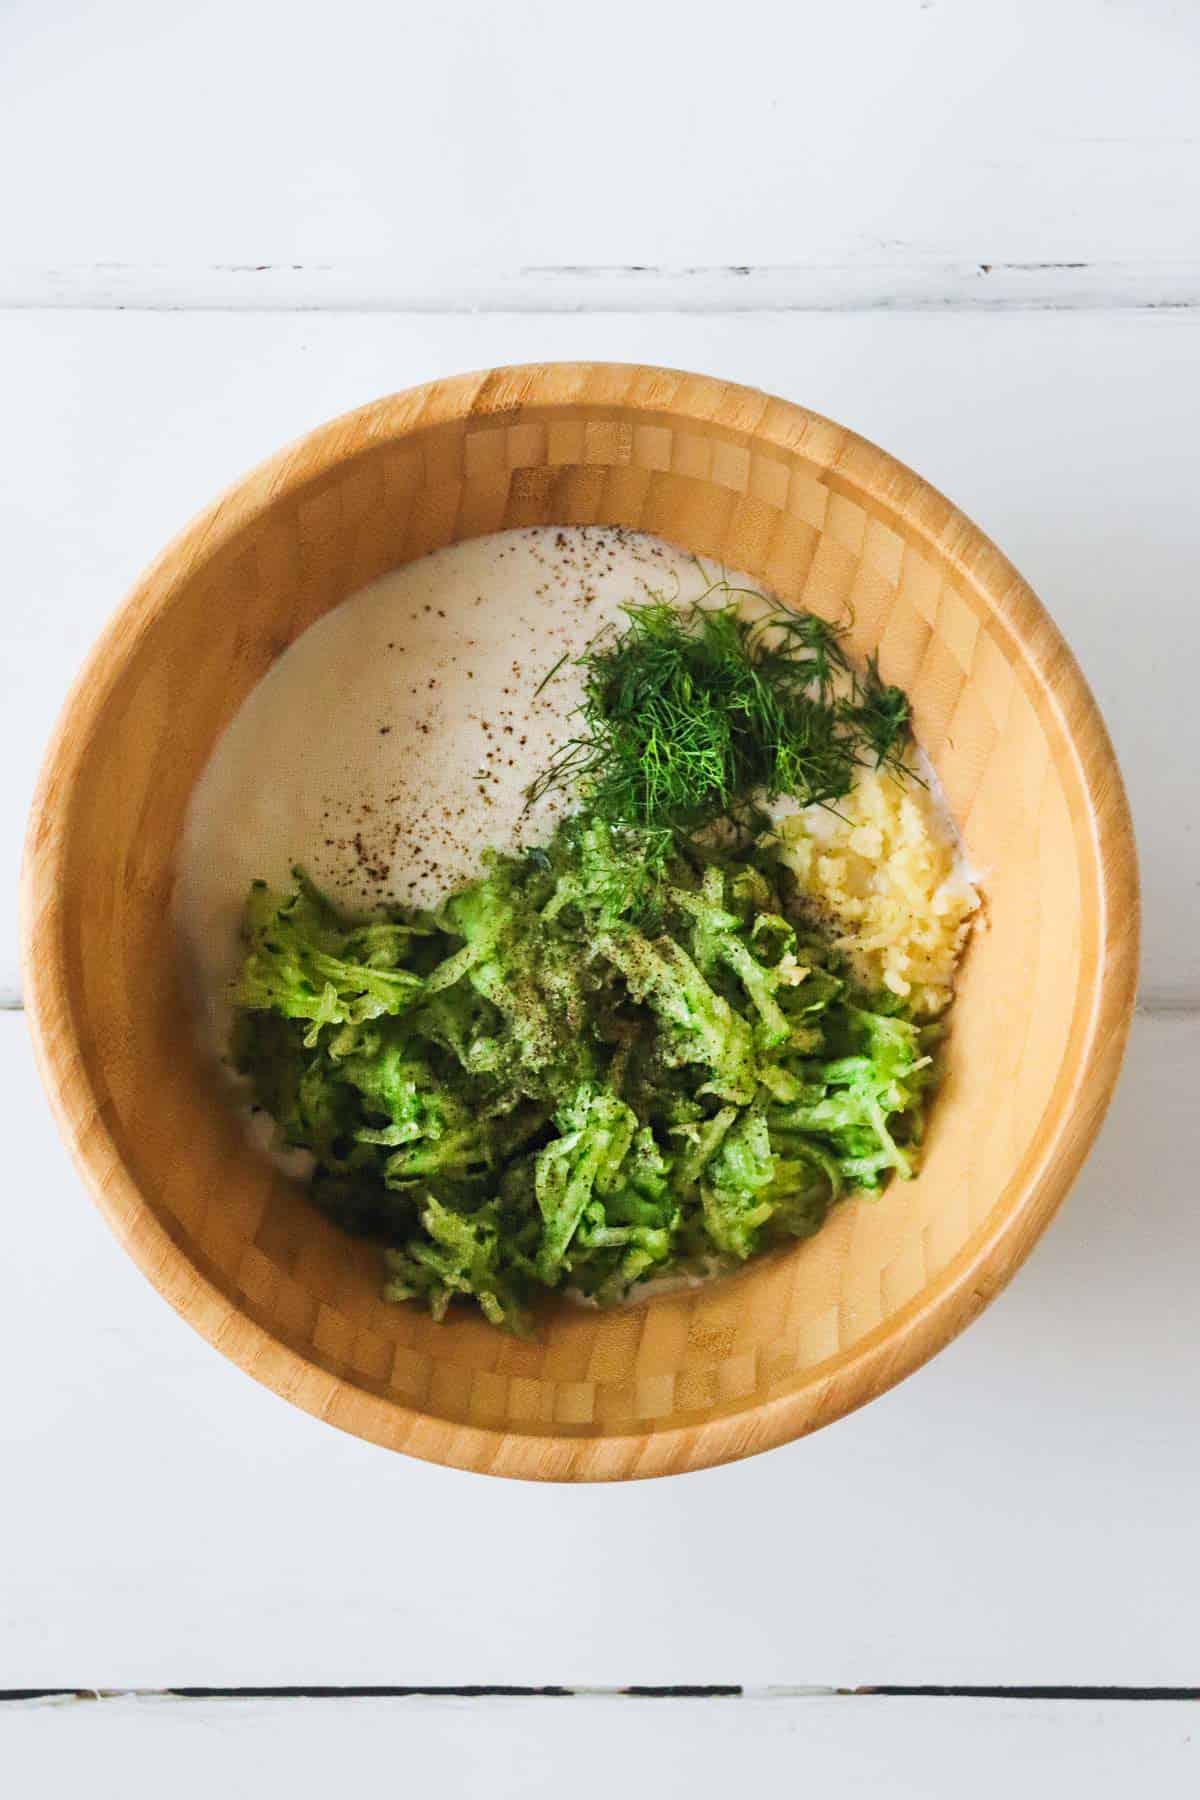 Vegan Tzatziki ingredients in a wooden mixing bowl